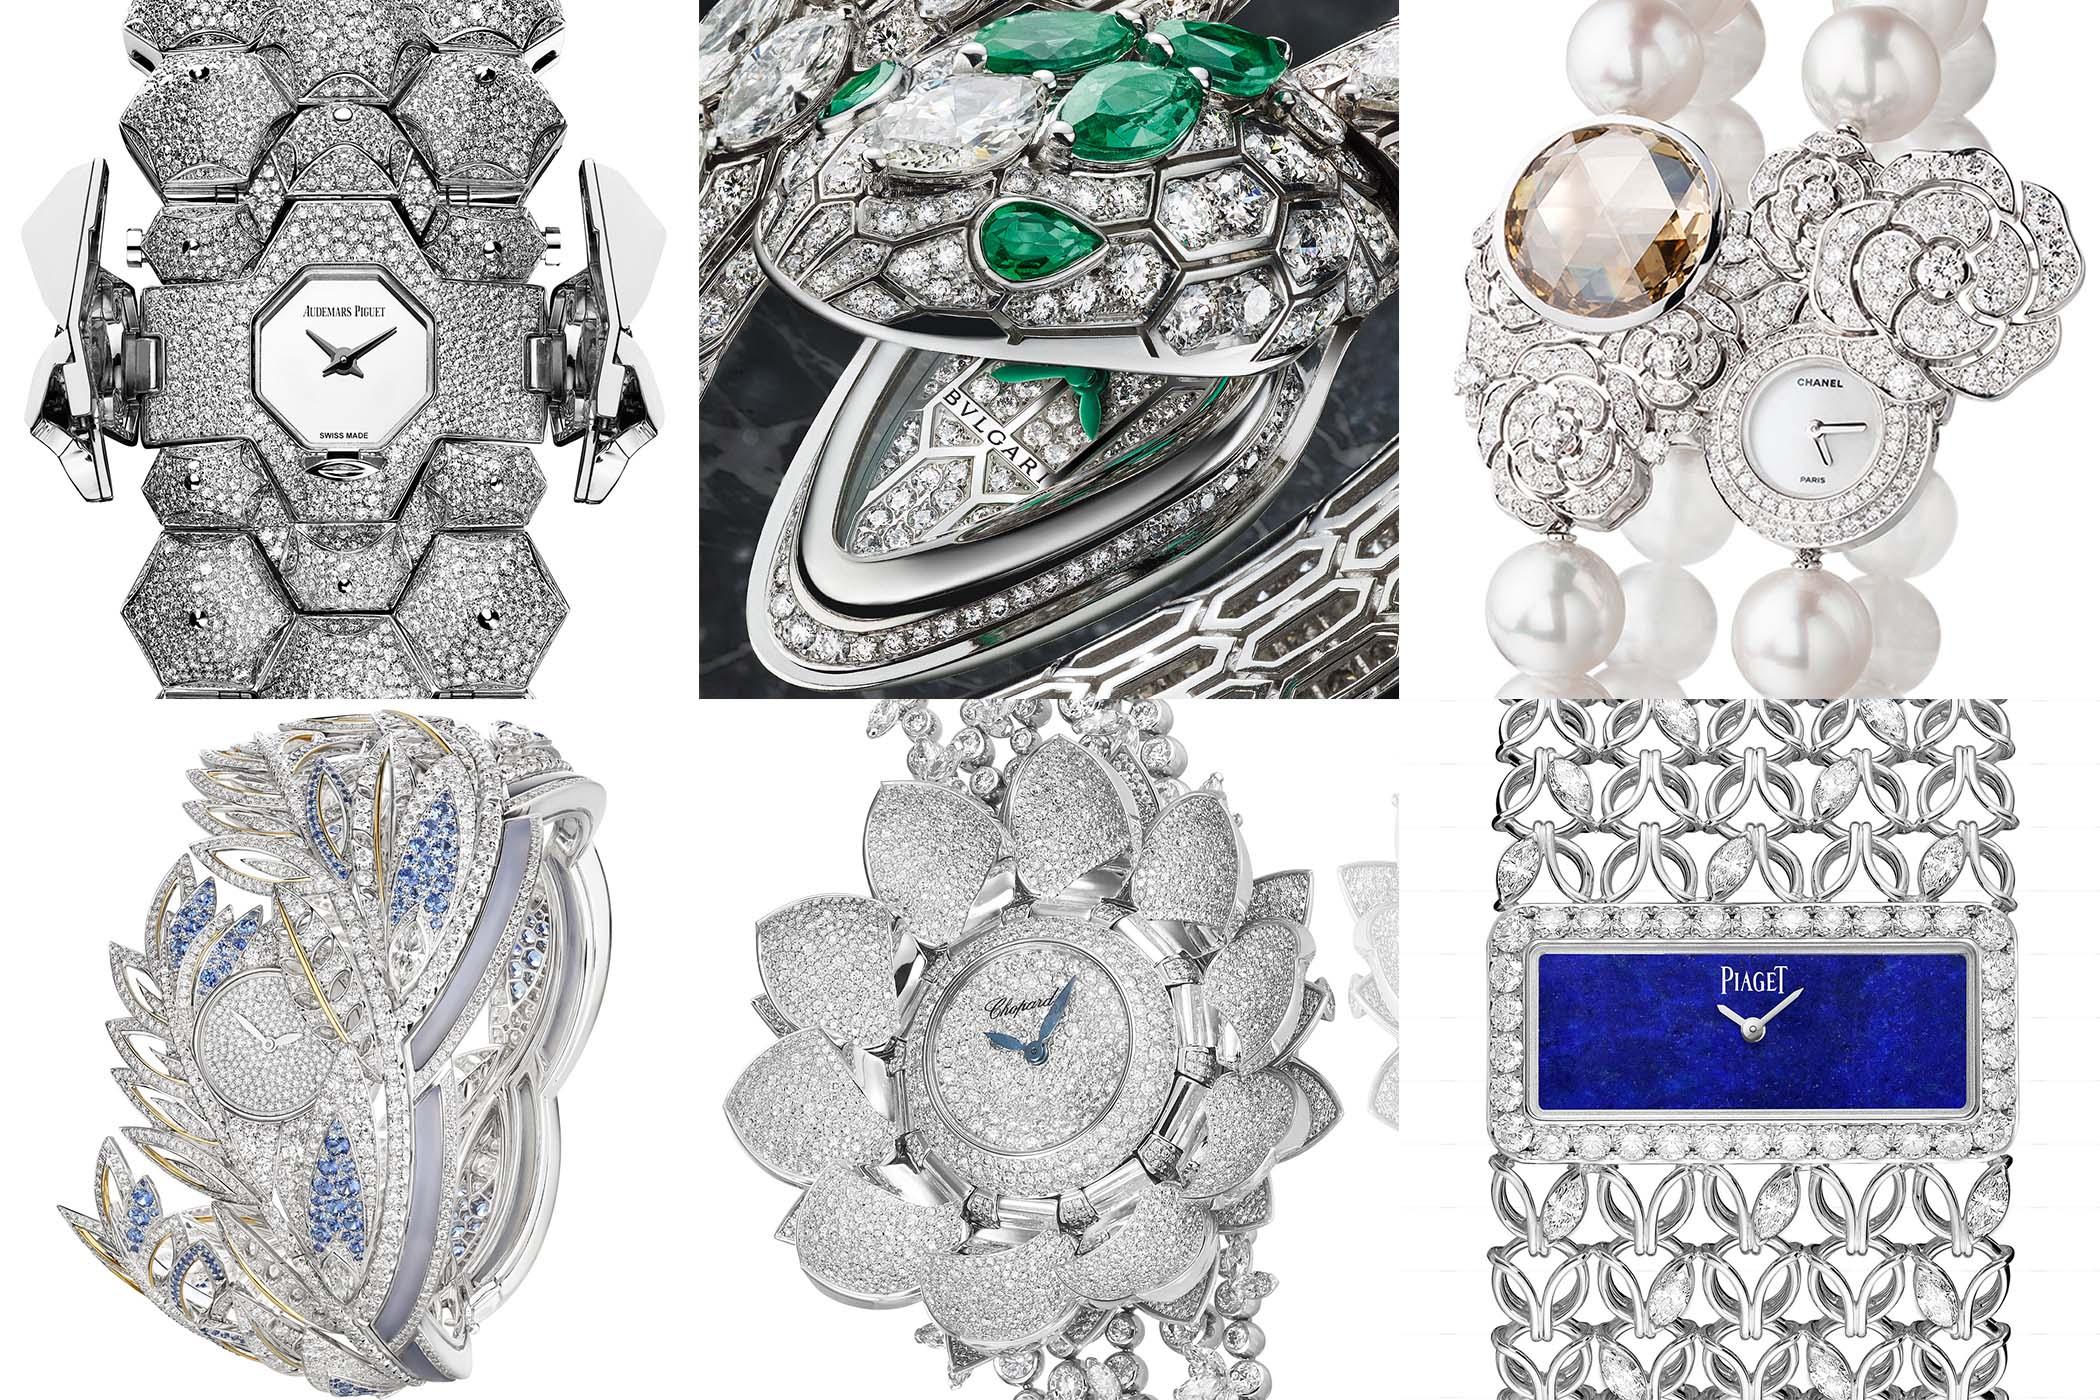 GPHG 2017 Finalists - jewellery